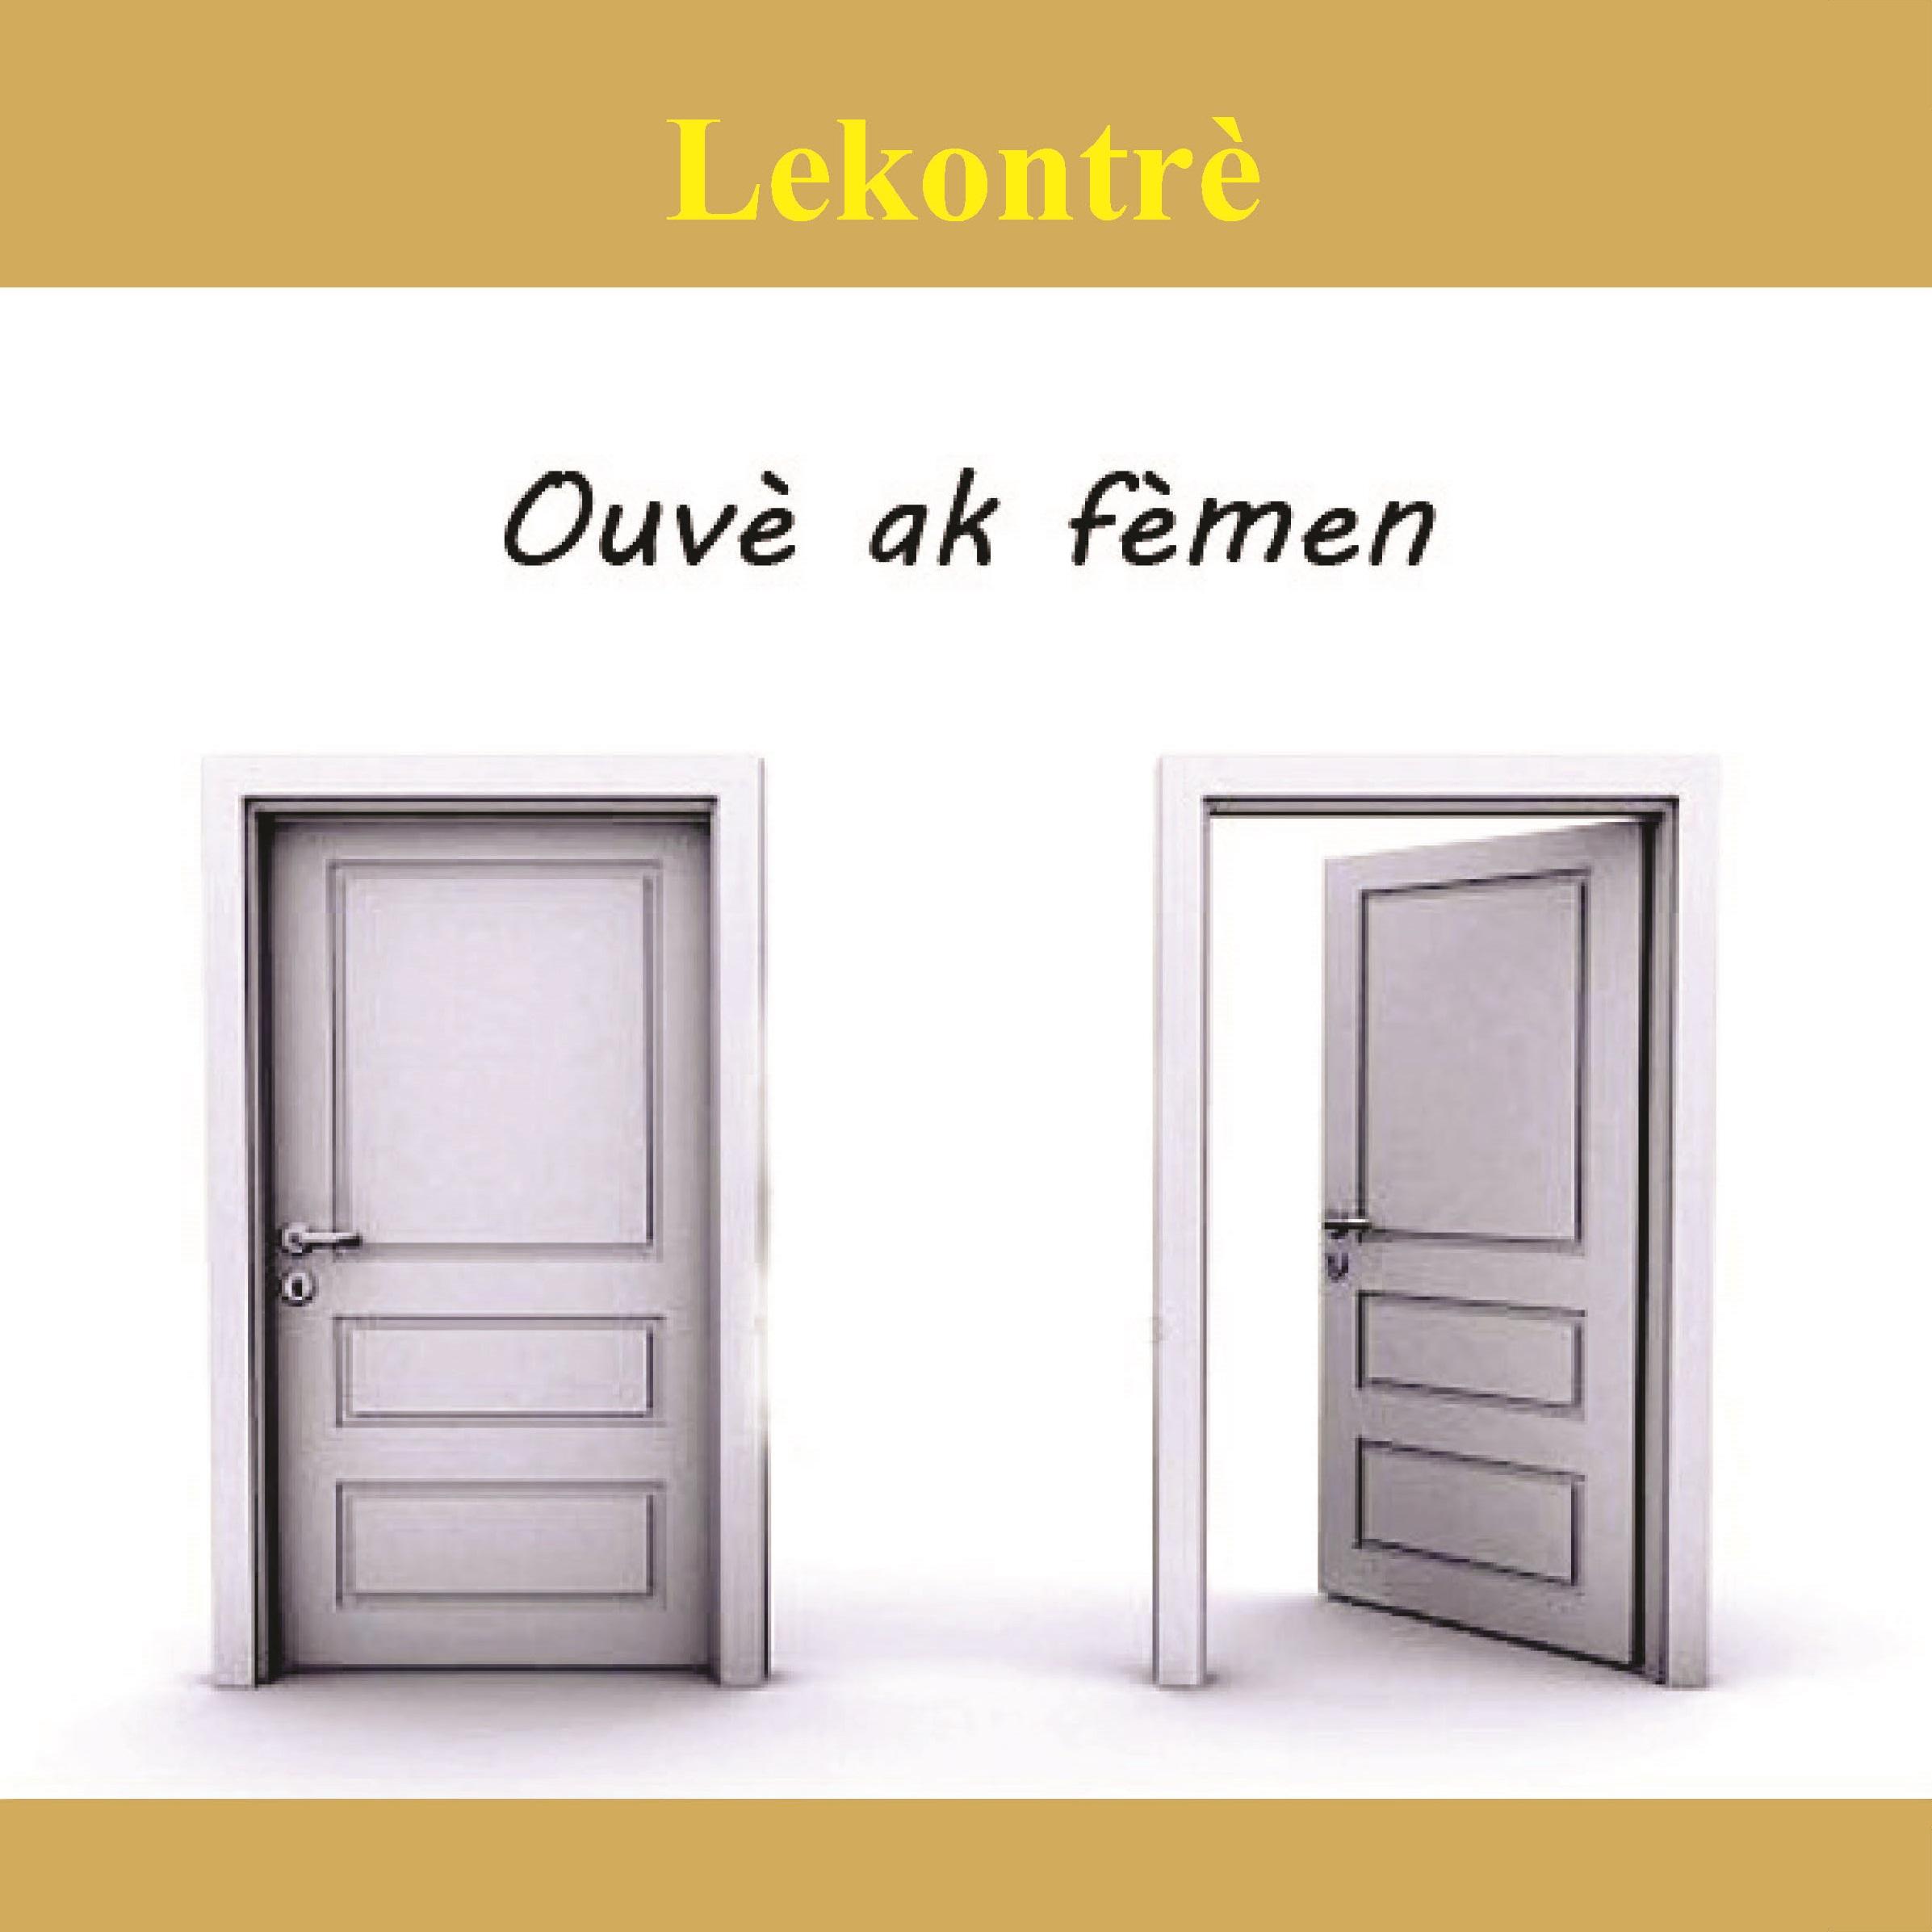 Ouvè ak Fèmen